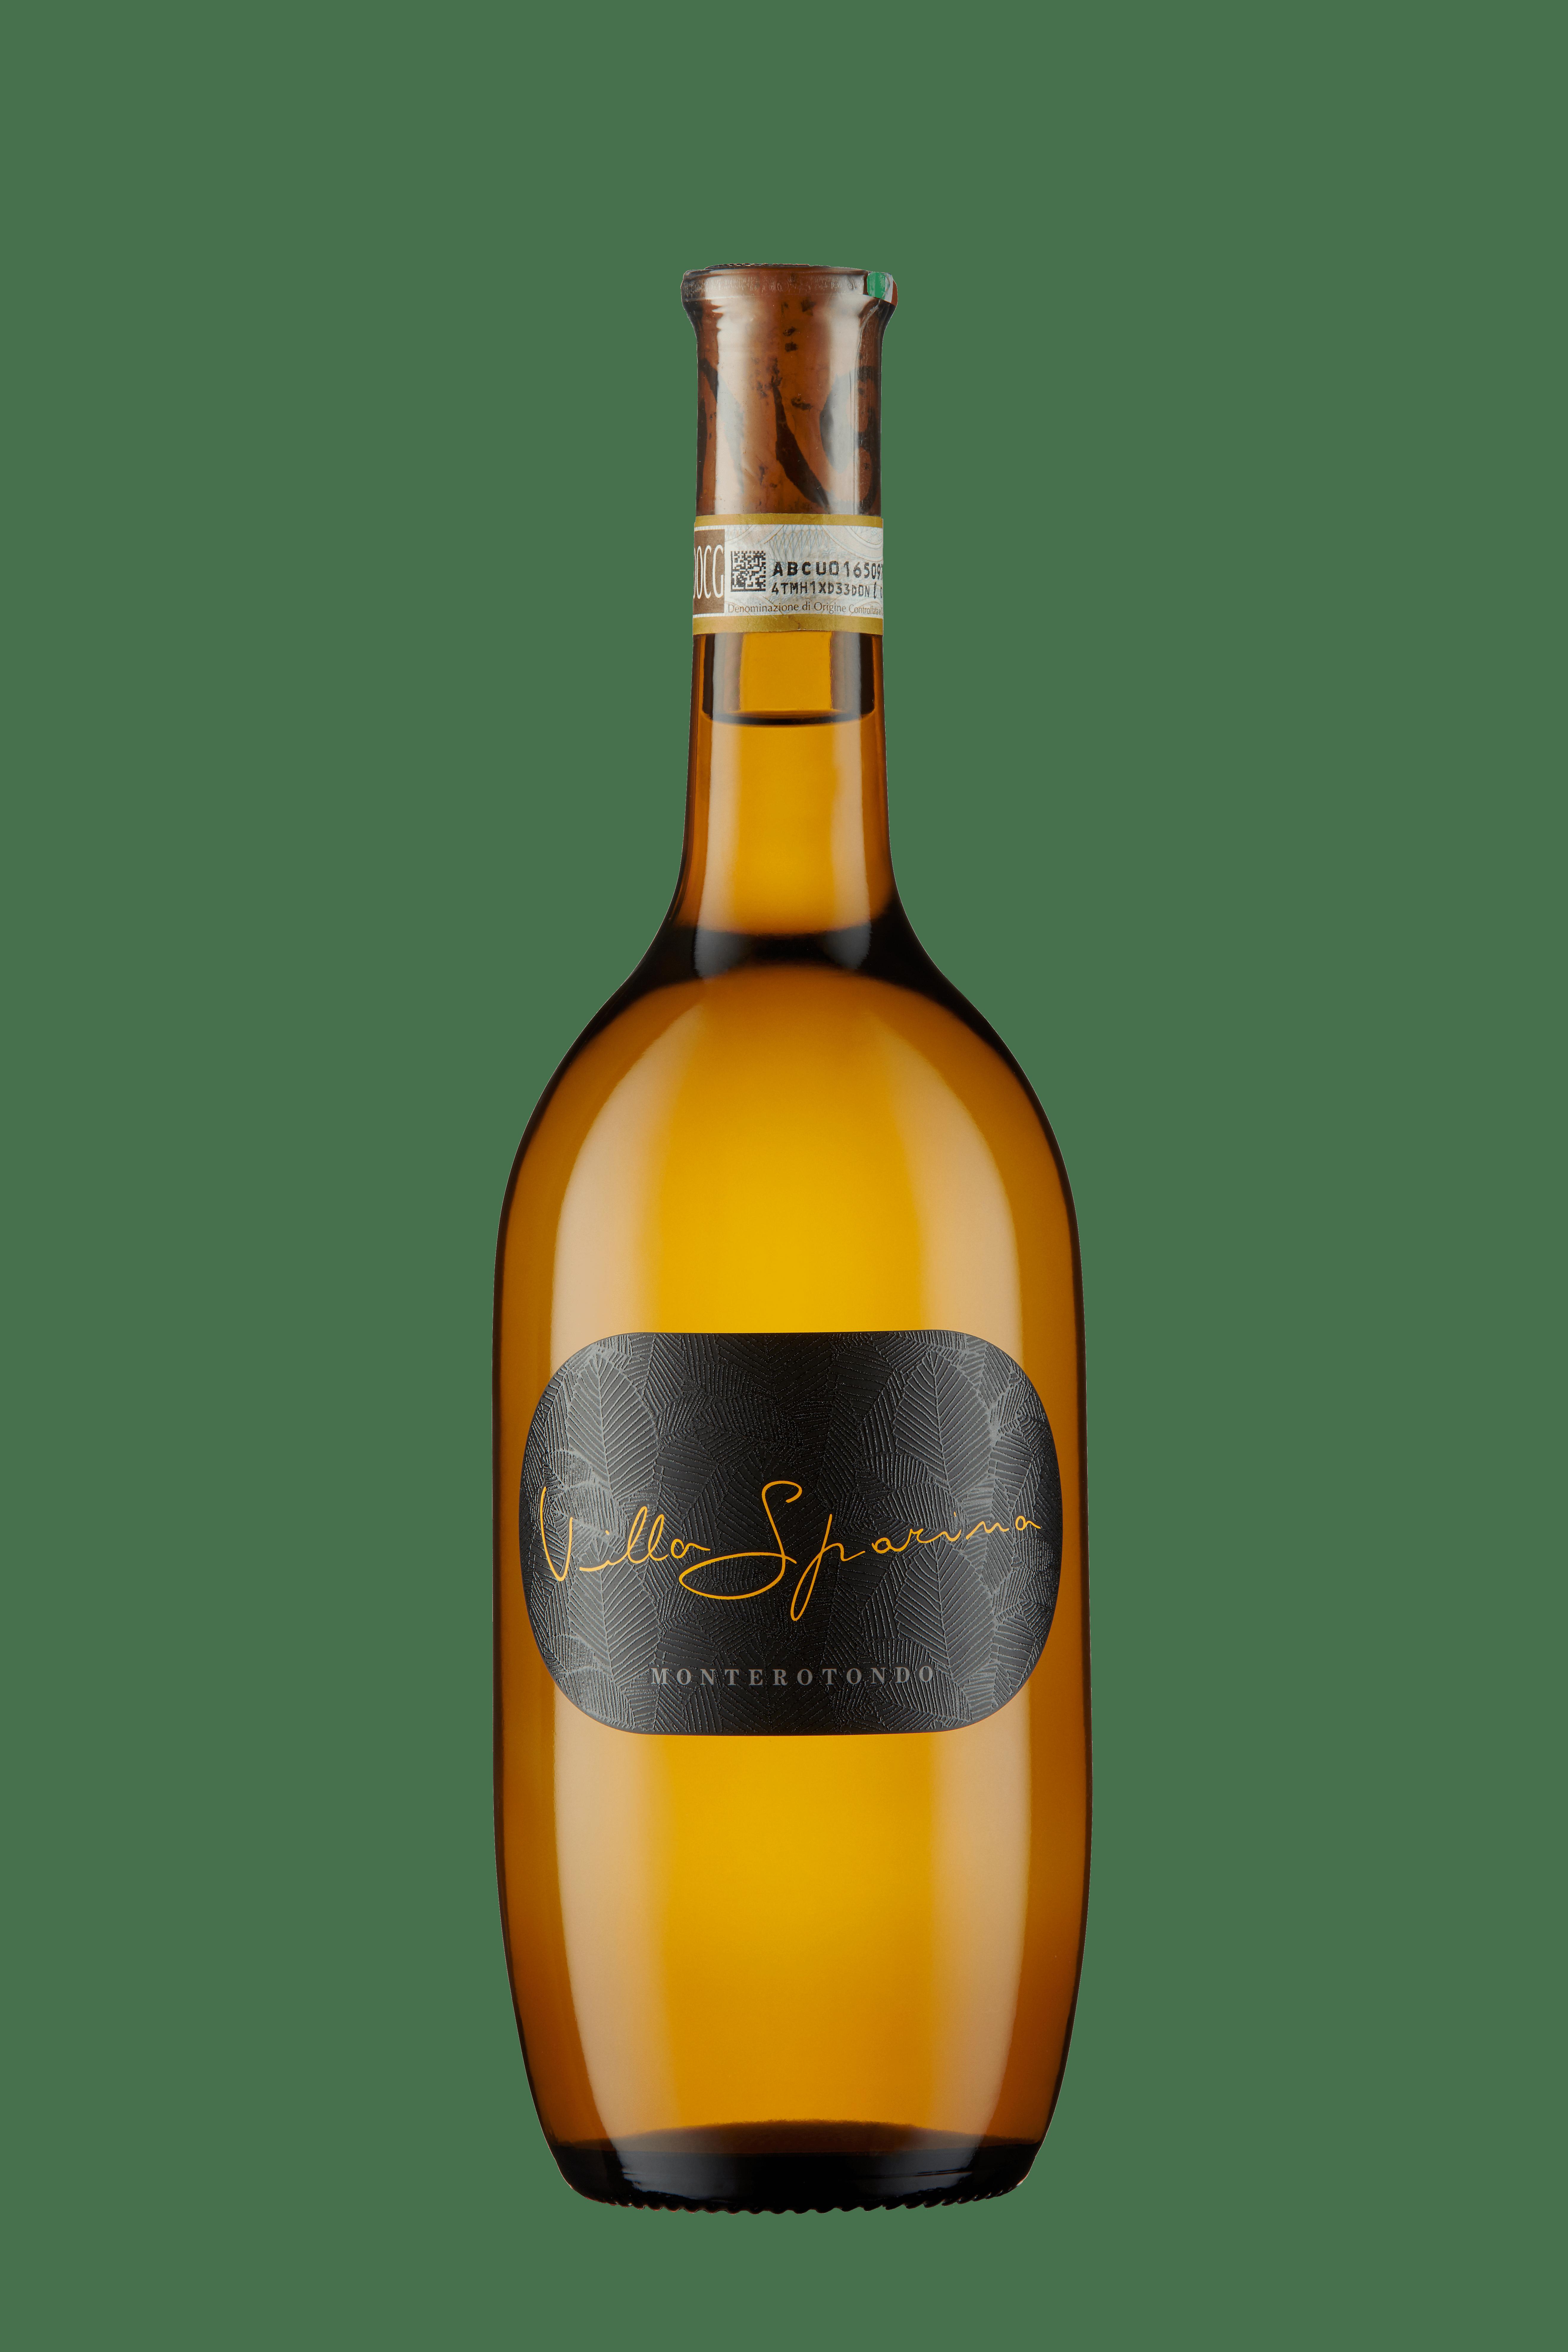 Monterotondo bottle